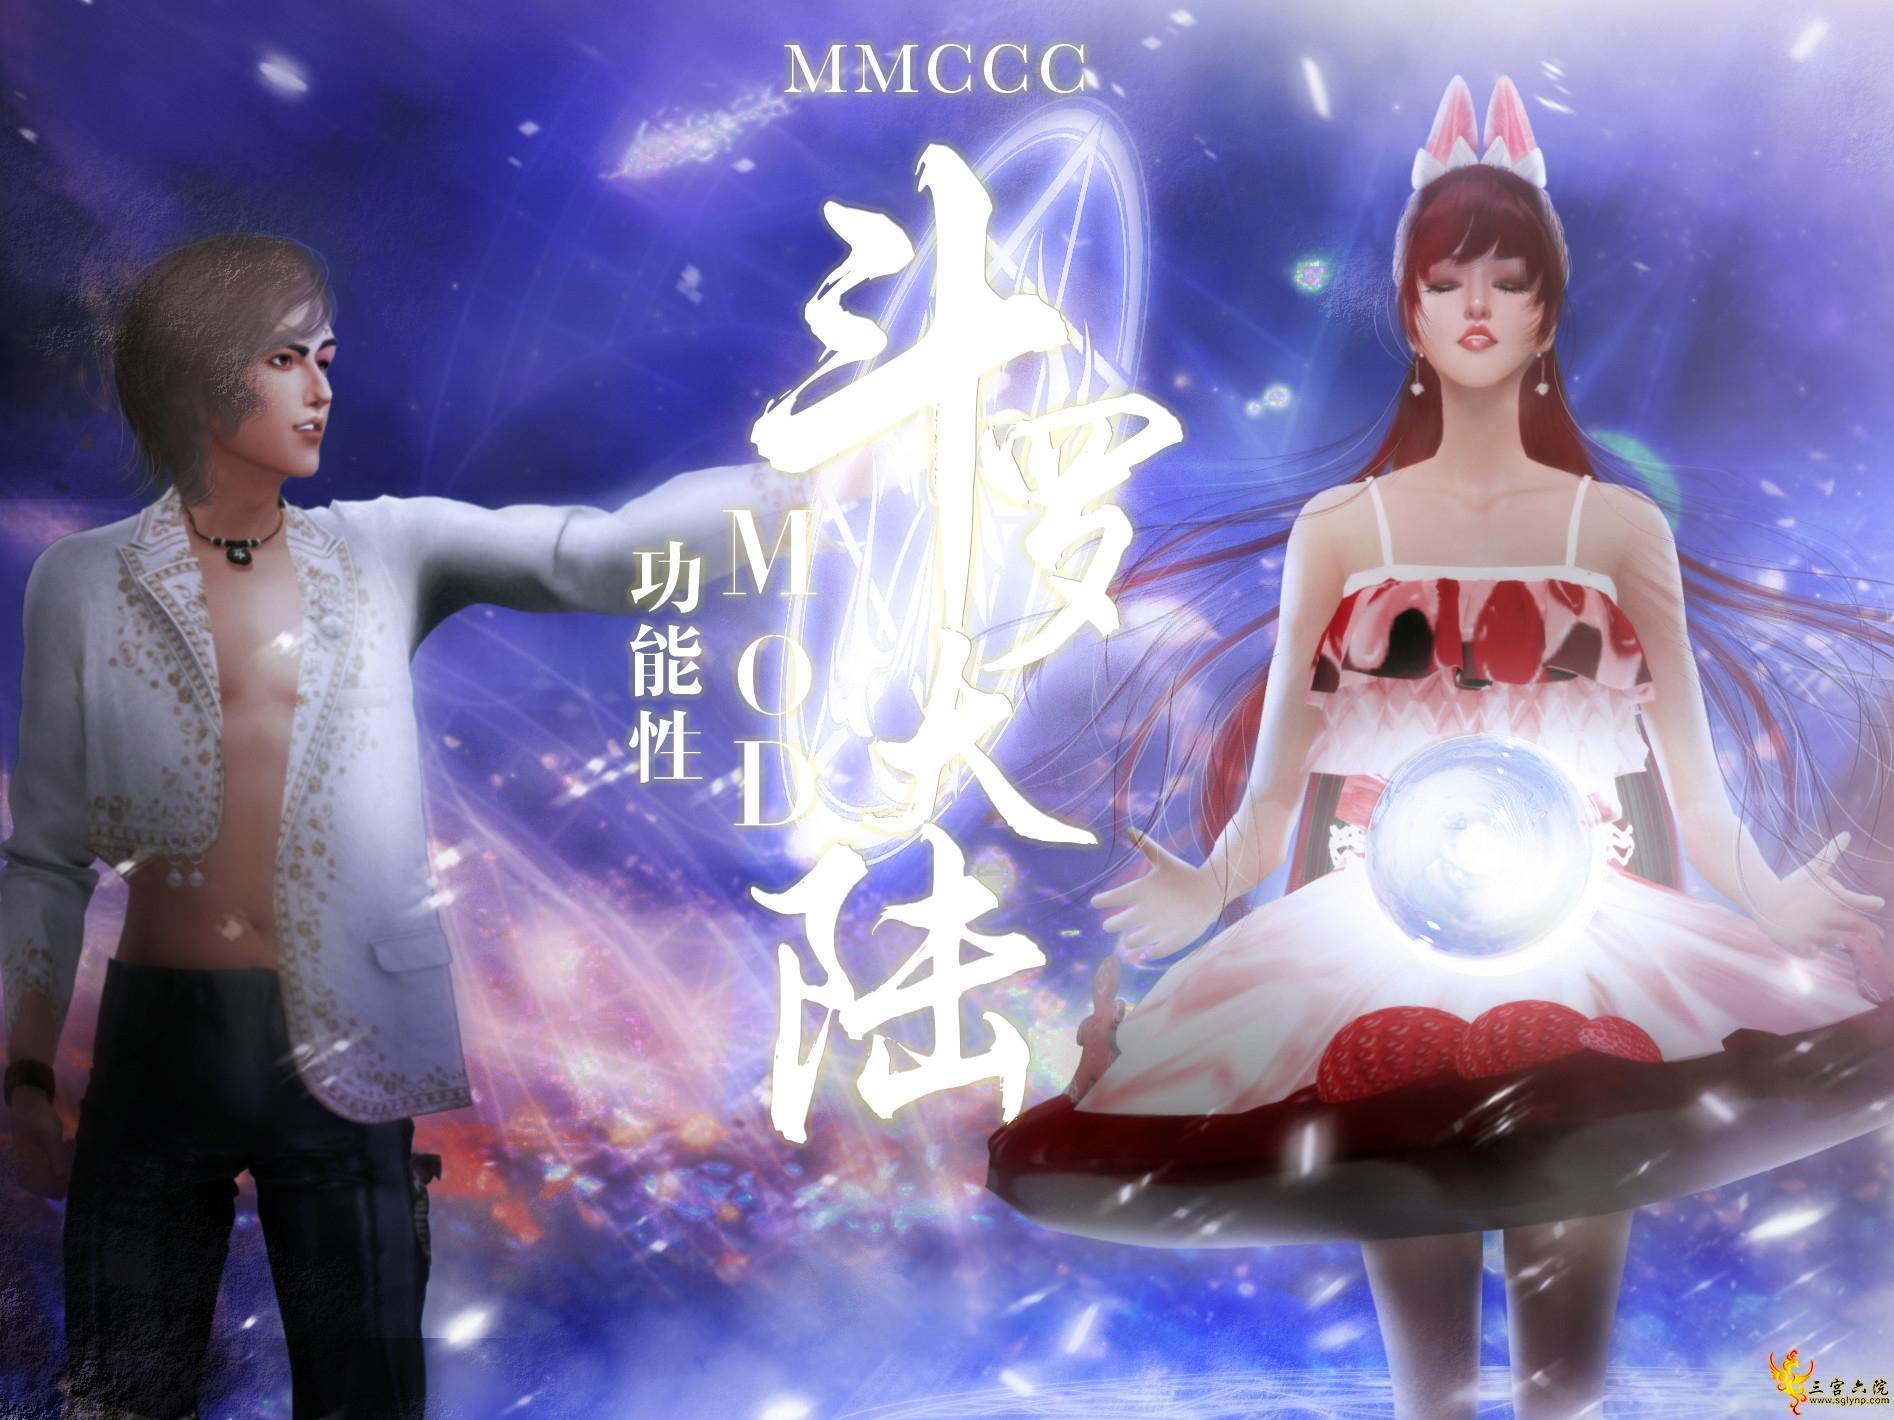 【MMCCC】斗罗大陆mod魂技演示